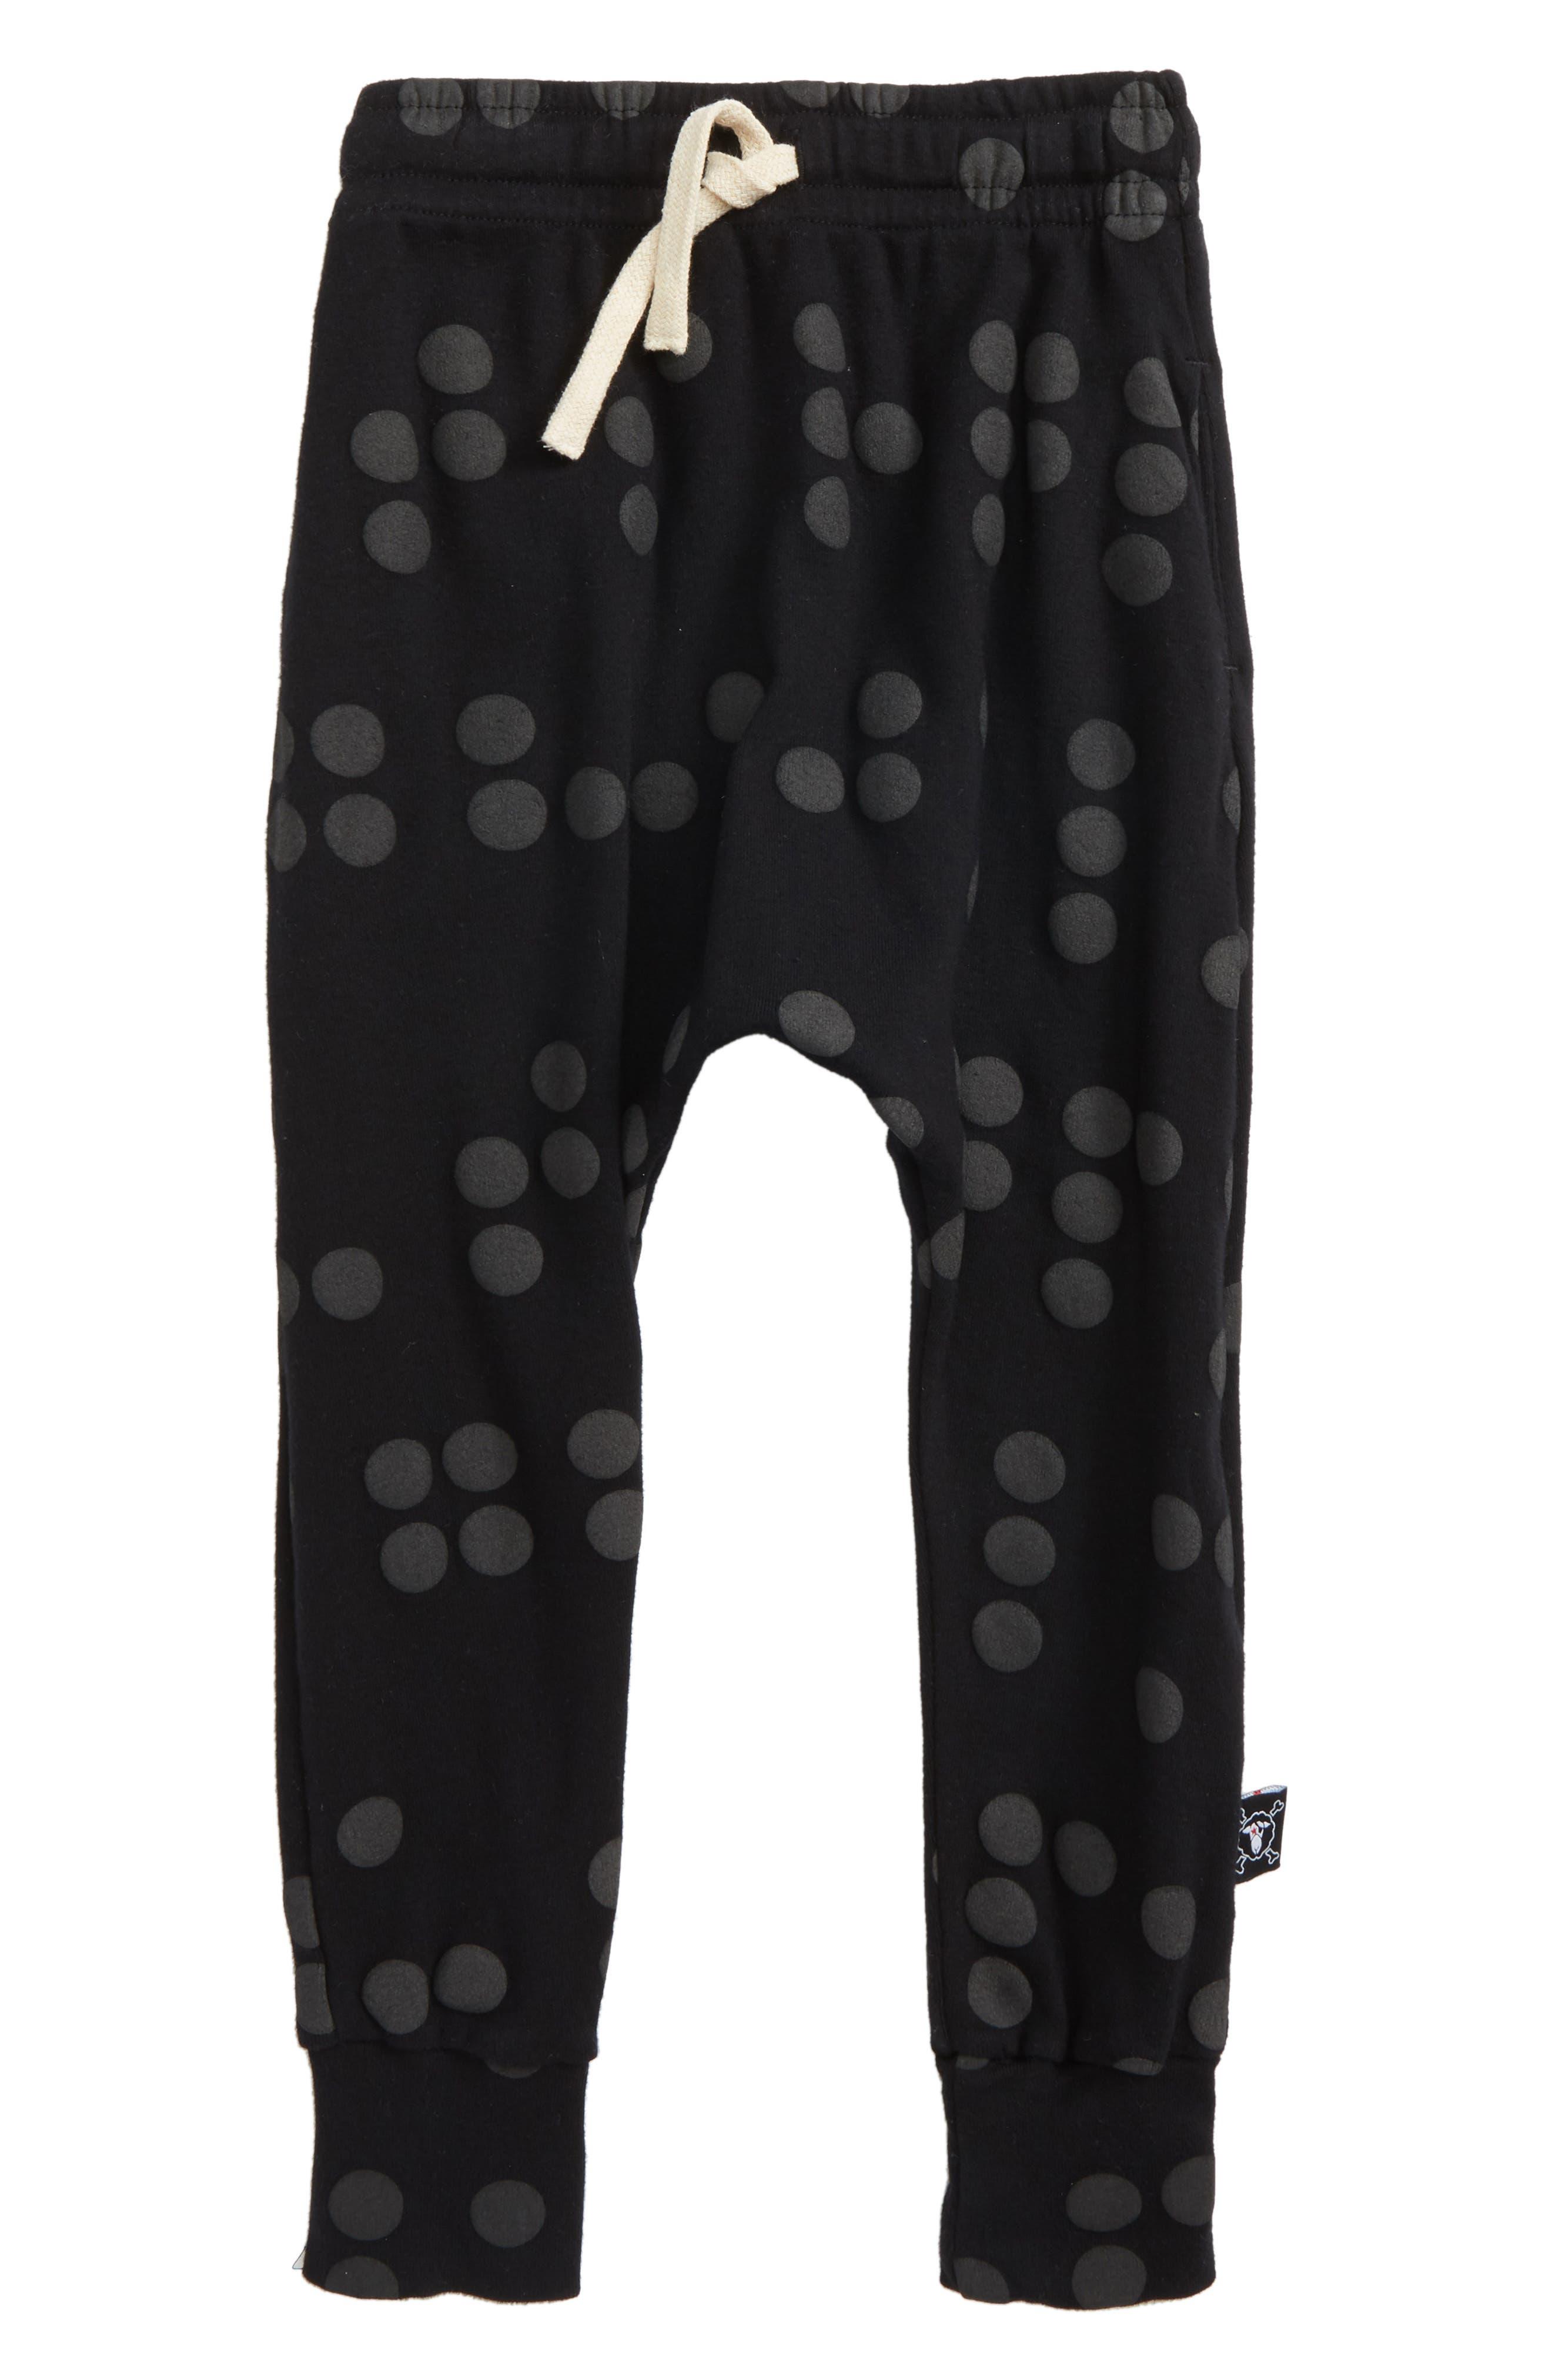 Braille Jogger Pants,                         Main,                         color, Black